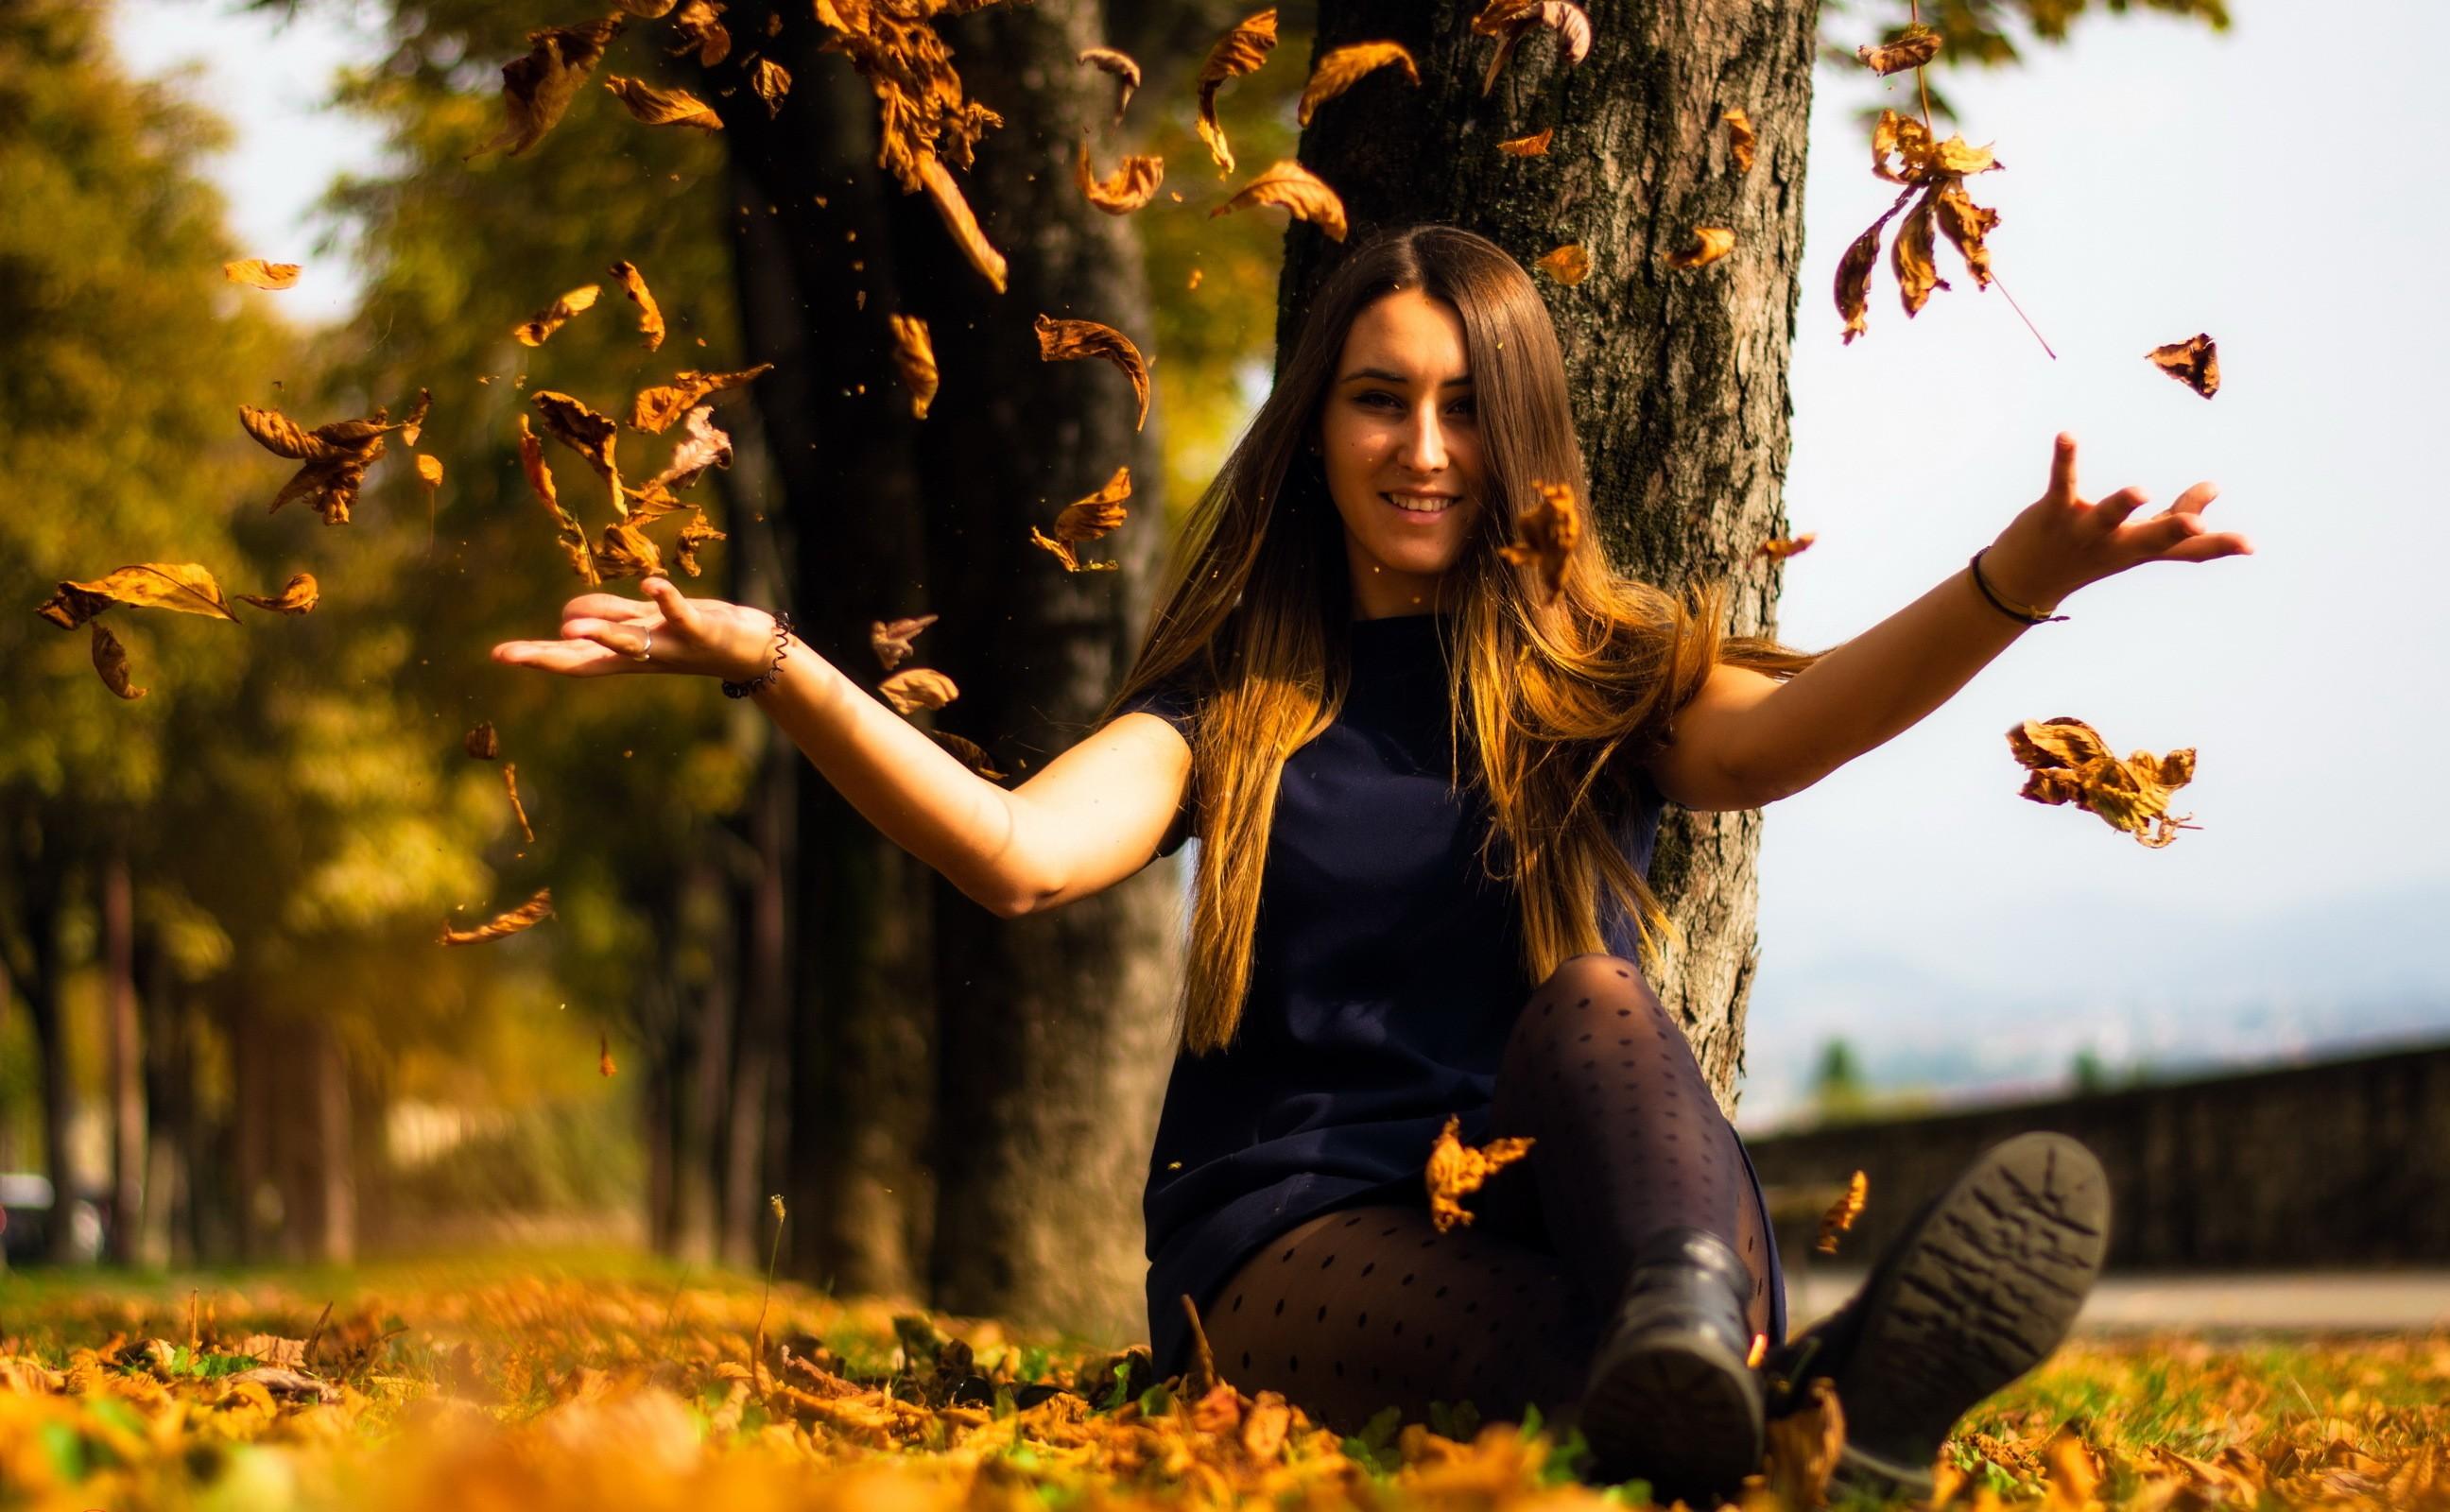 музеев, фотографии и позы с осенними листьями невзначай вынул